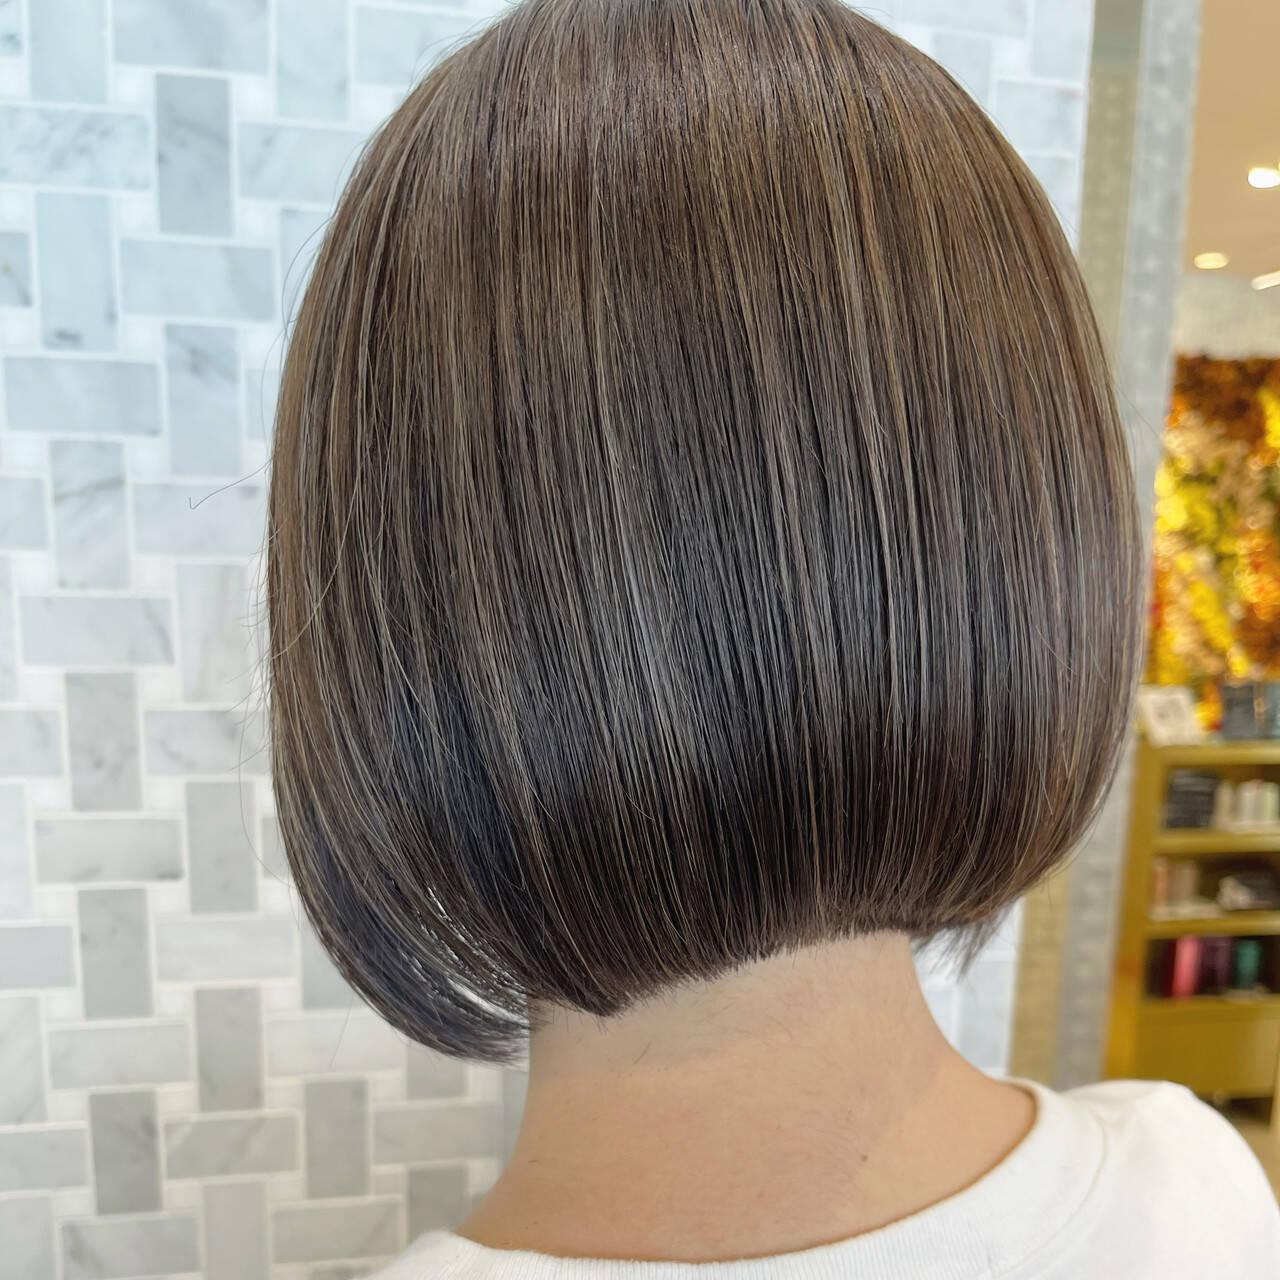 ミニボブ ナチュラル ボブヘアー ボブヘアスタイルや髪型の写真・画像